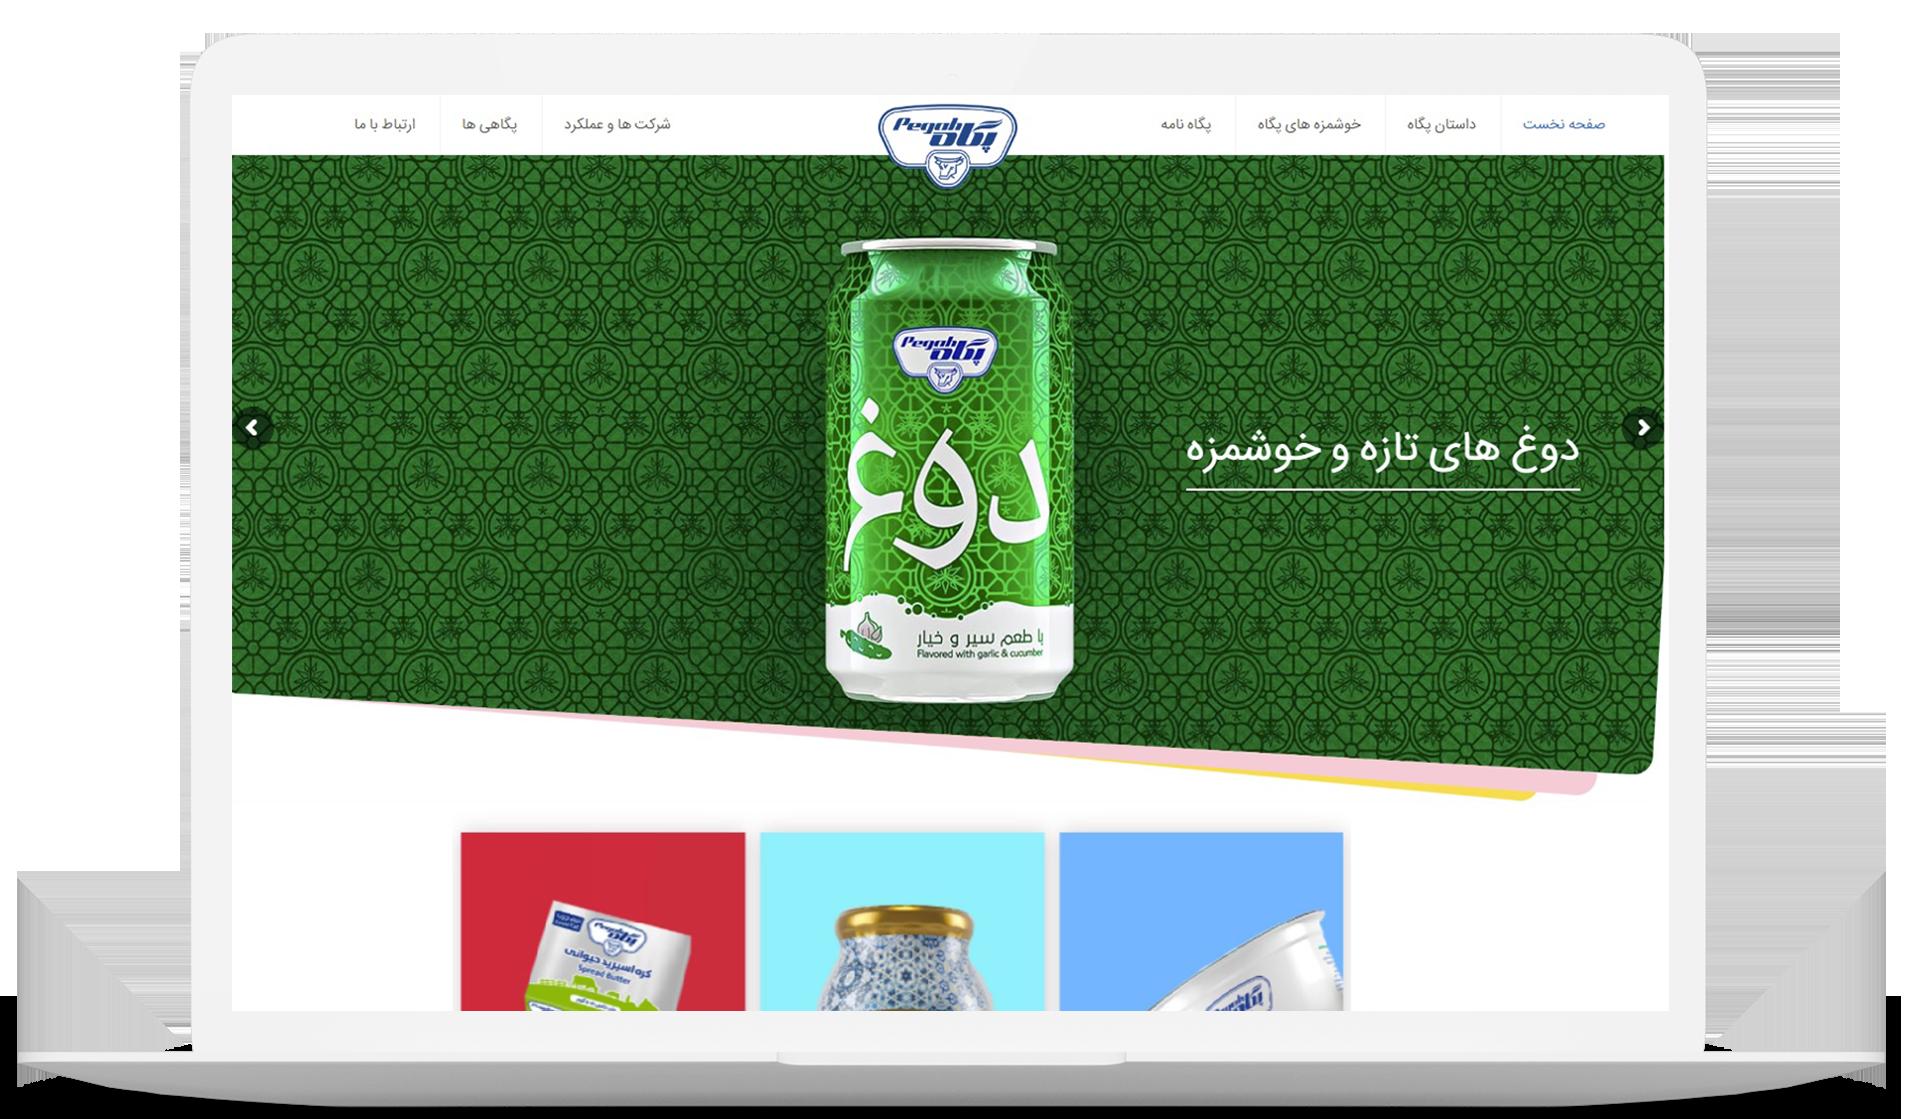 ساخت سایت، ساخت فروشگاه، طراحی سایت فروشگاهی